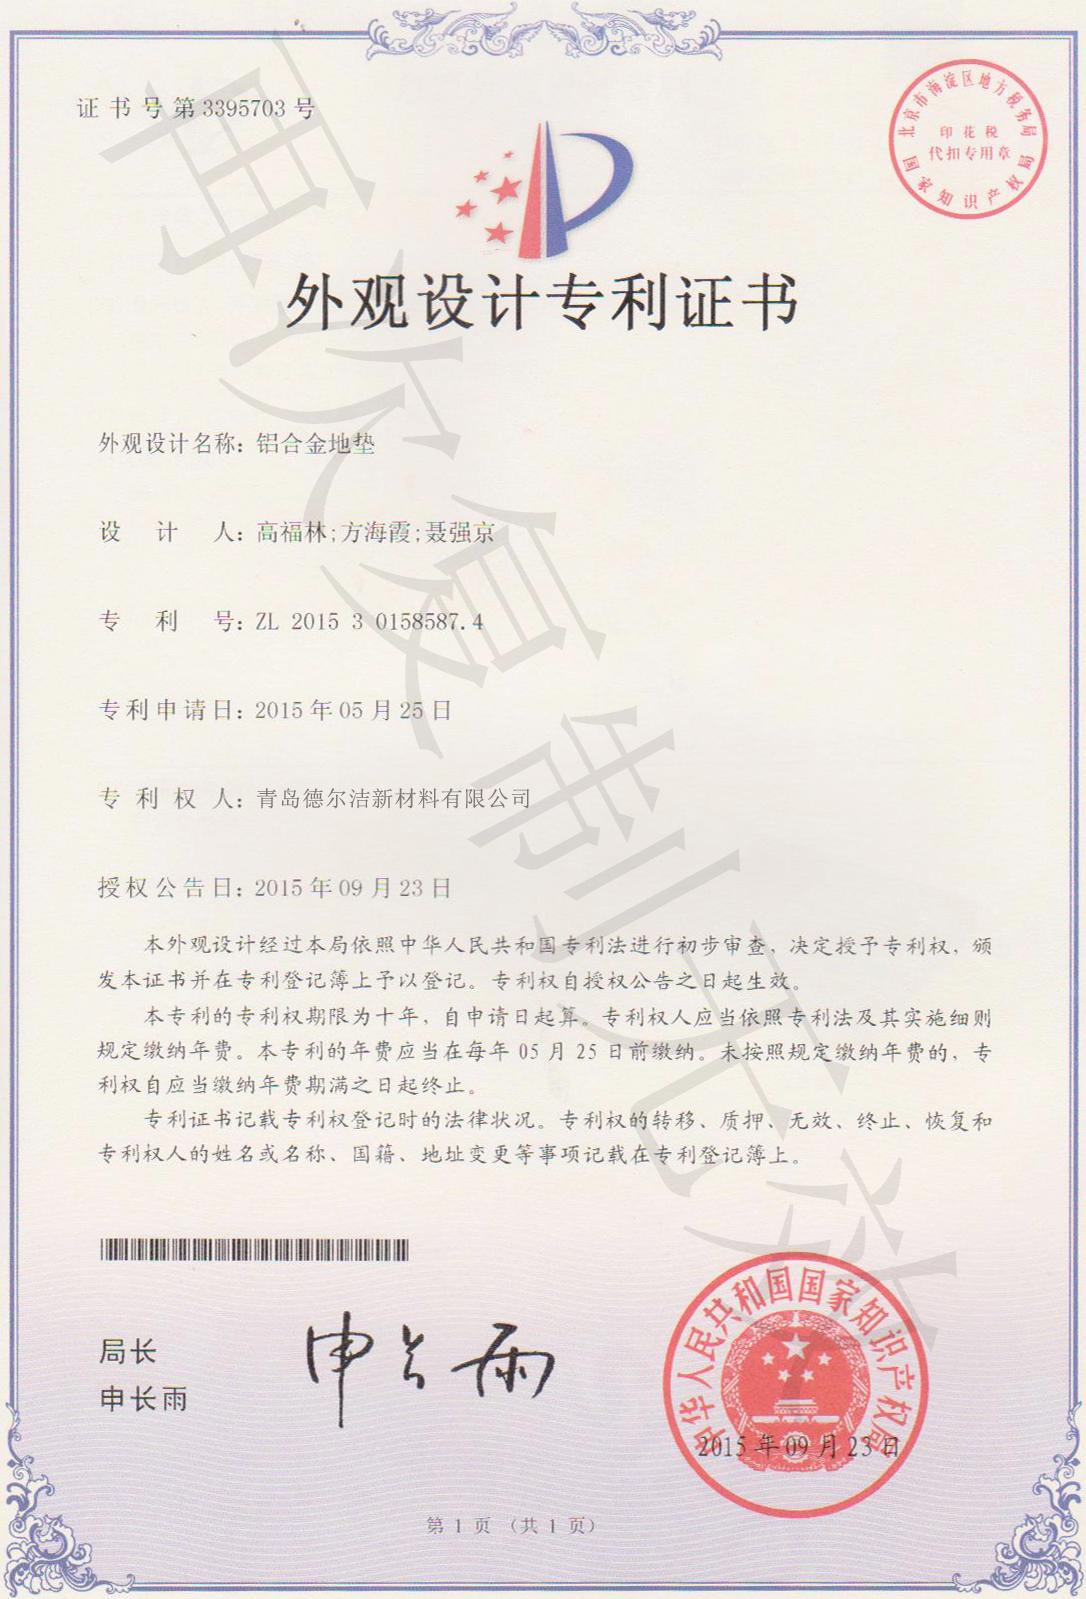 平顶山荣誉证书